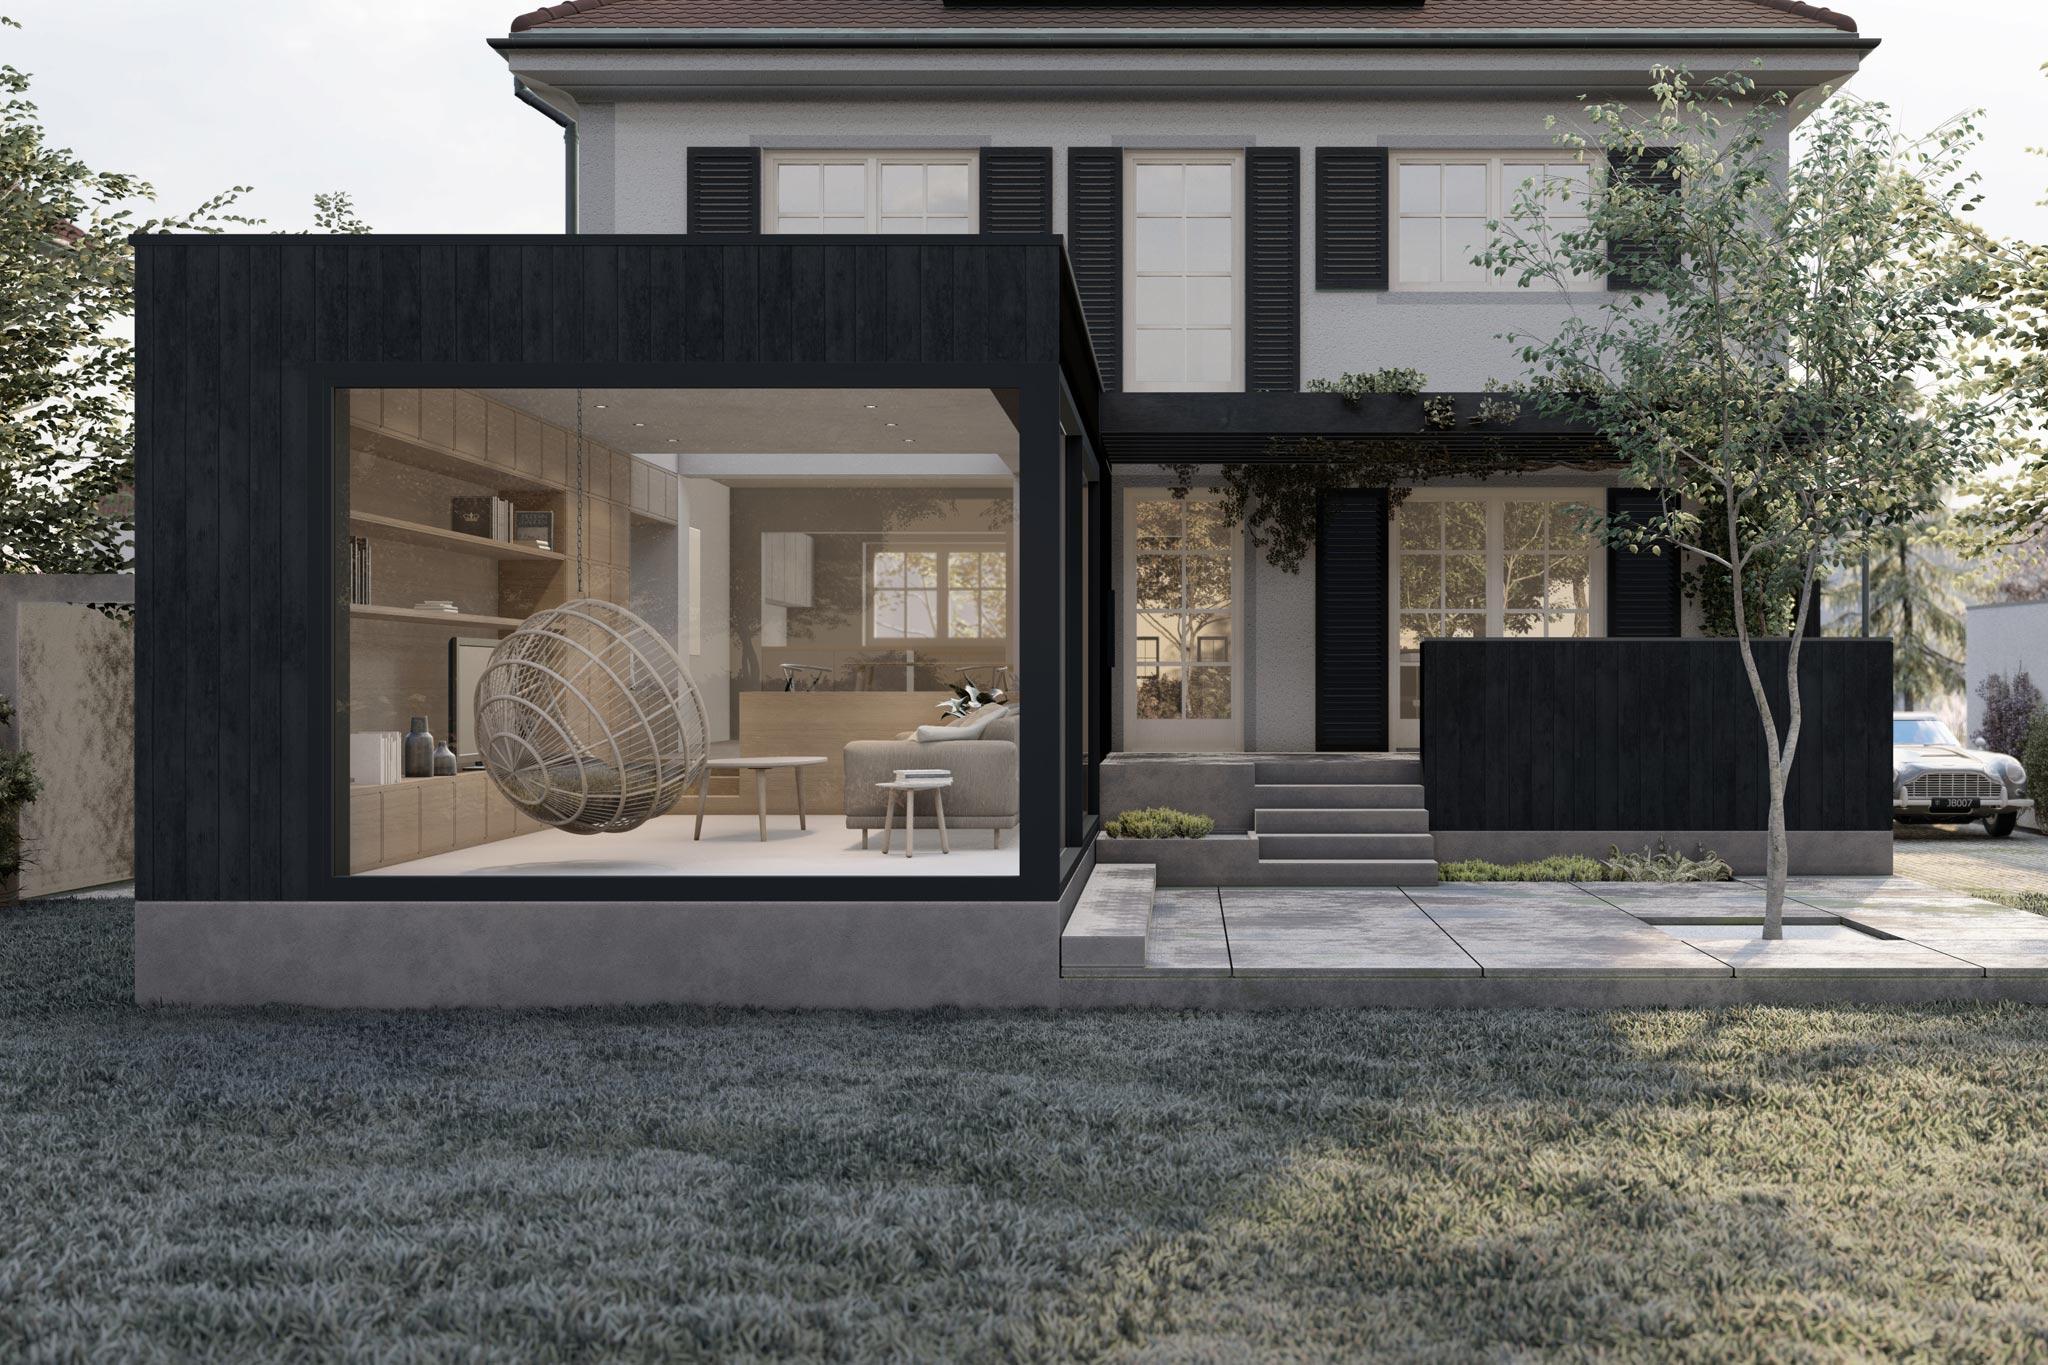 Sarger Architekten: Abbruch und Neubau eines Wohn- und Geschäftsgebäudes in Taufkirchen